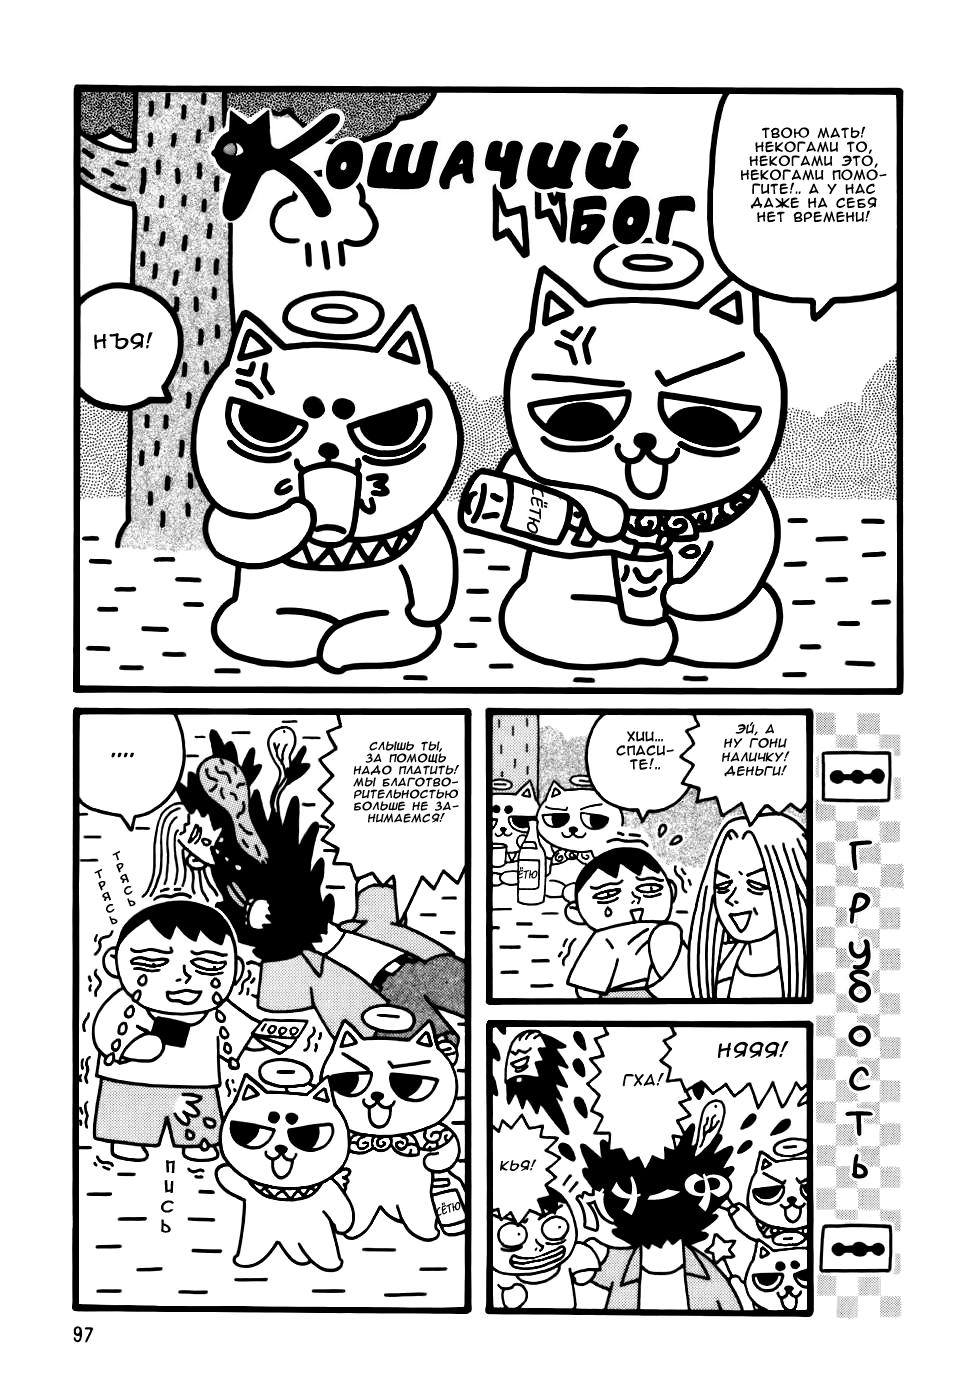 https://r2.ninemanga.com/comics/pic4/43/34923/1343681/1558275624576.png Page 2